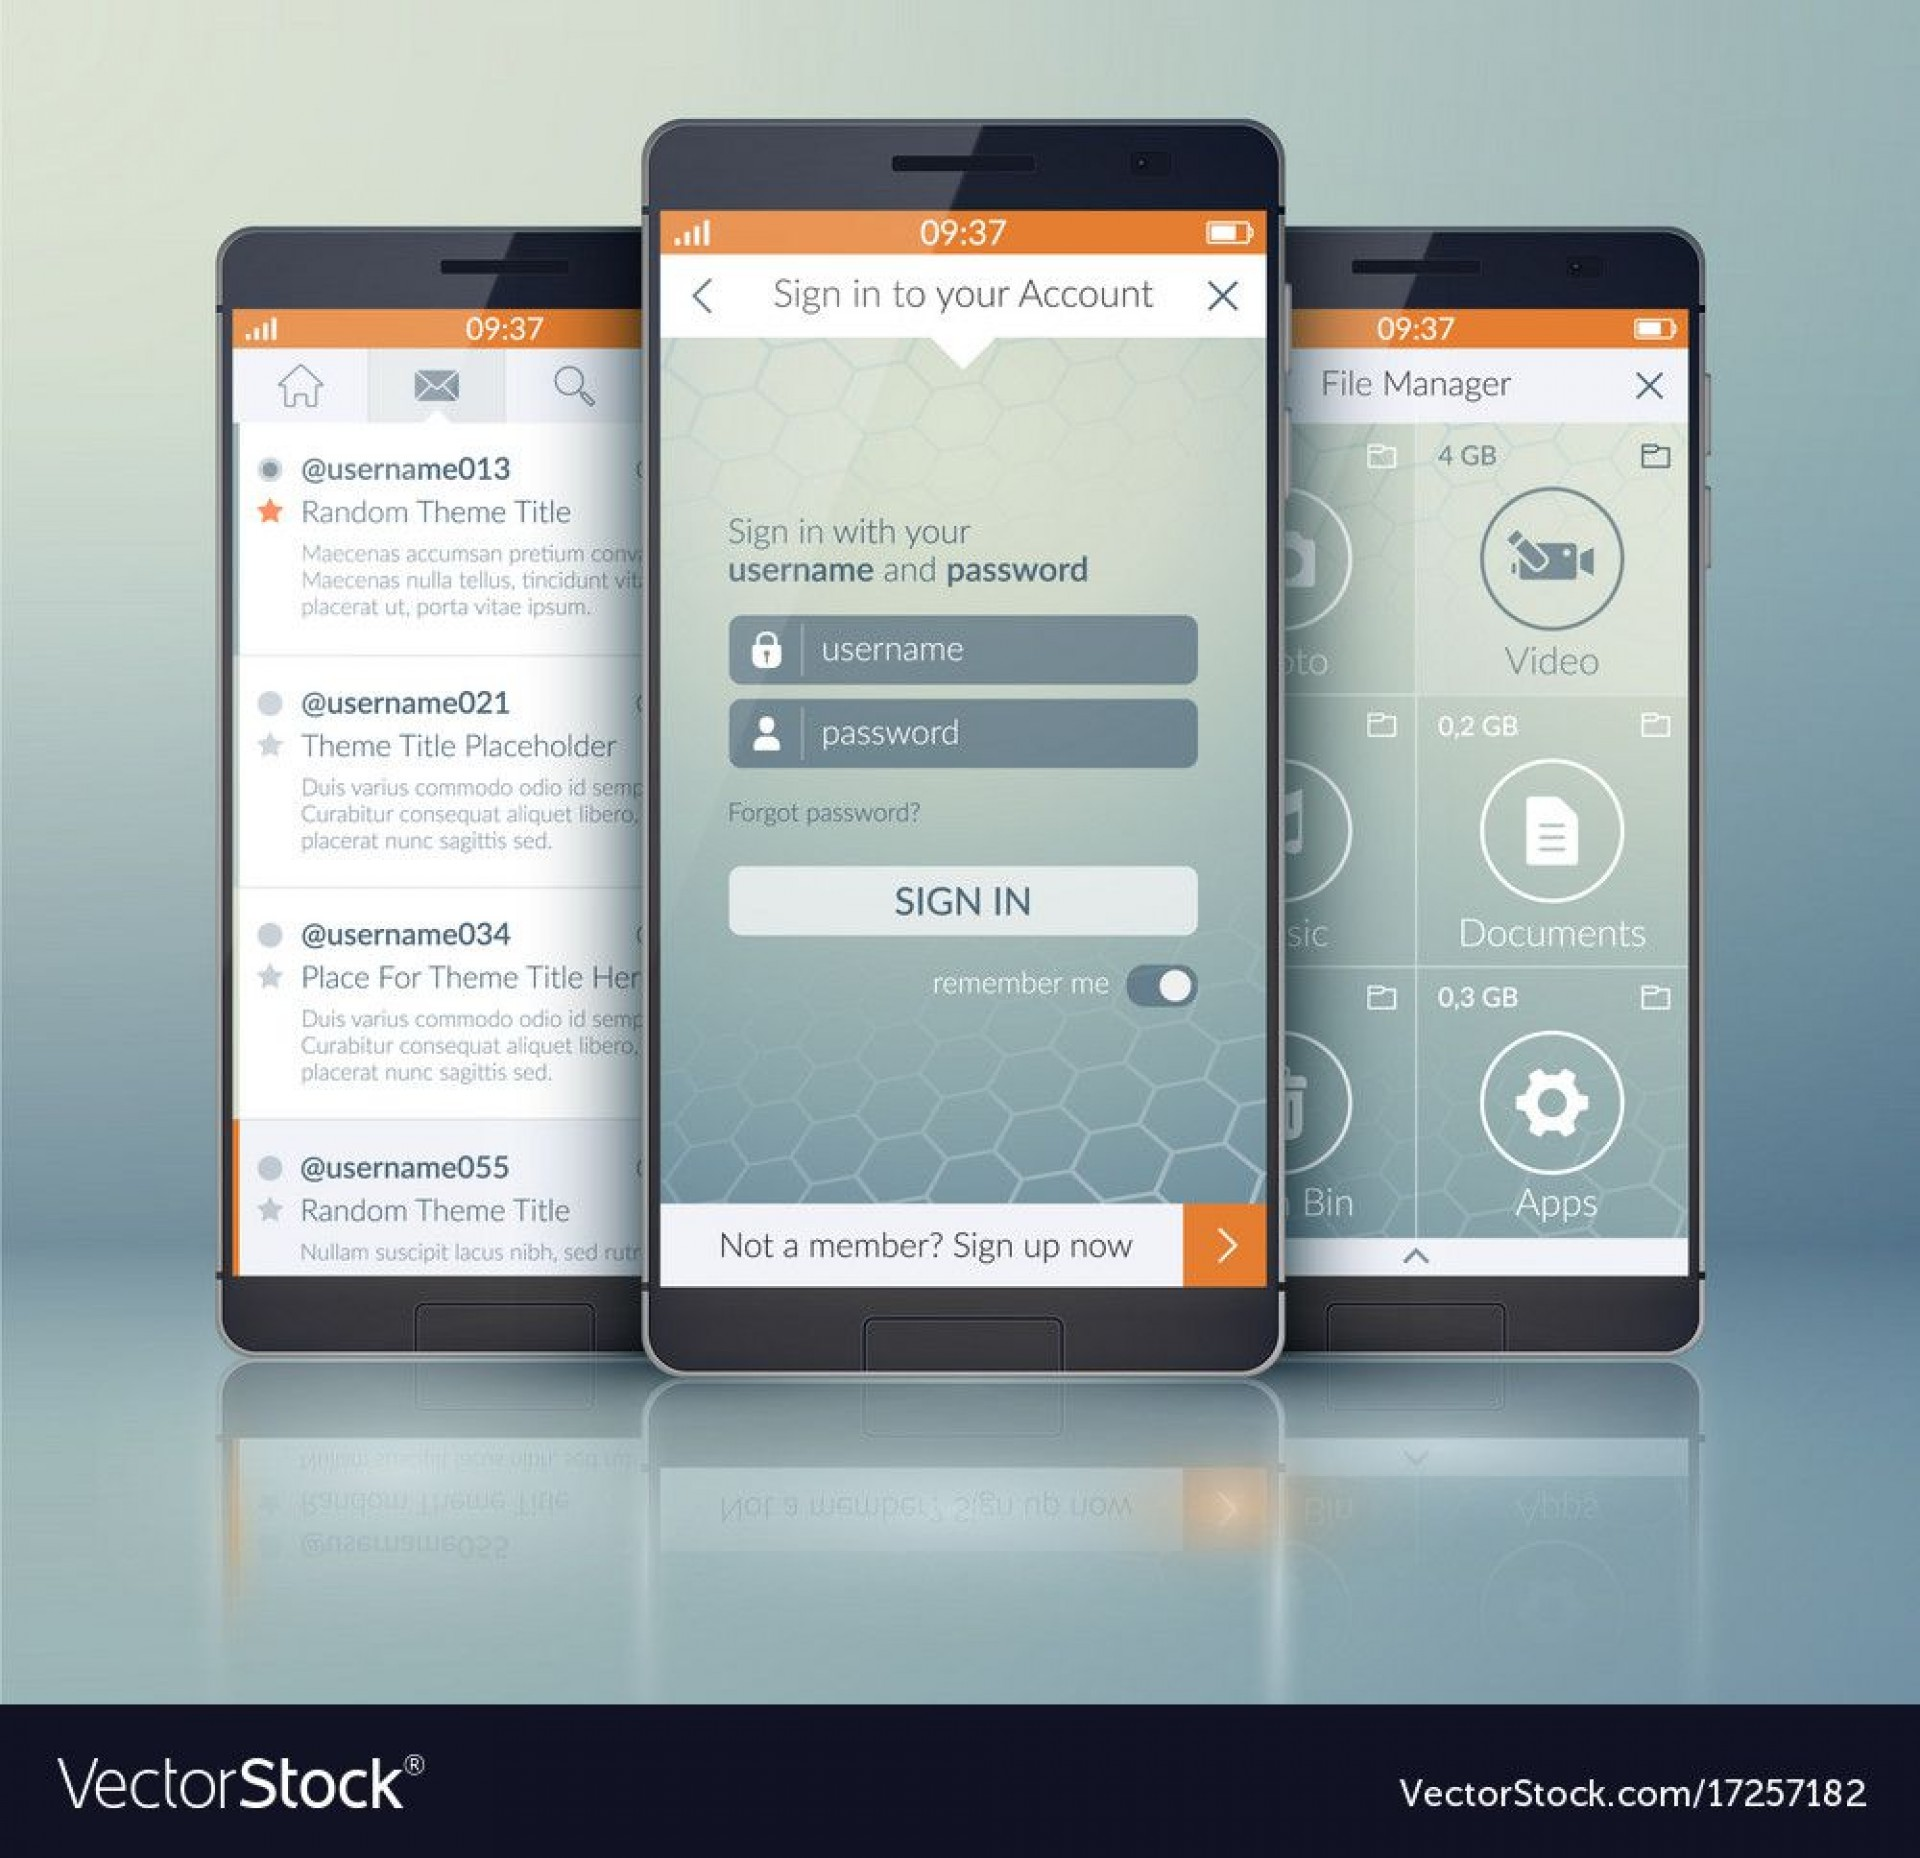 006 Impressive Mobile App Design Template Idea  Size Free Download Ui Psd1920